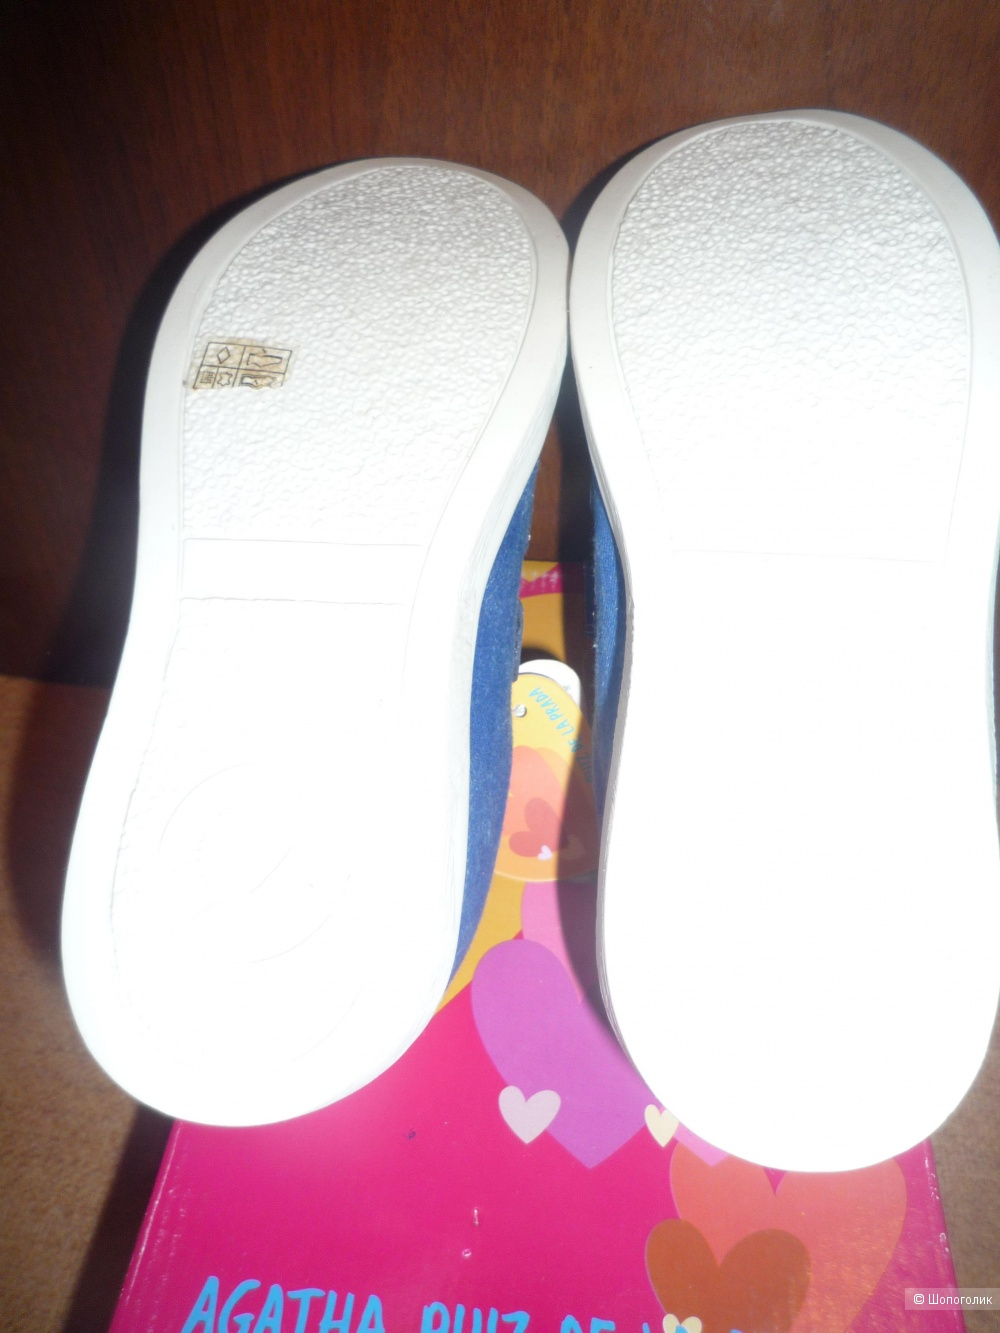 Кеды /полуботинки Agata..DeLa Prada 30 размер